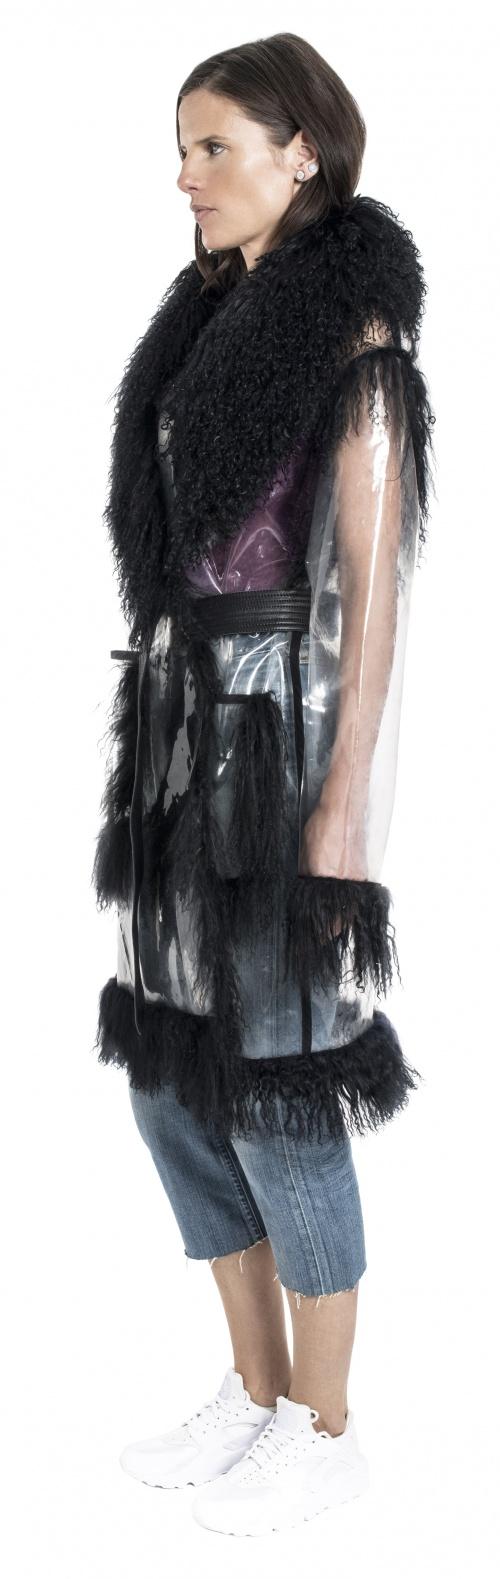 Wanda Nylon - manteau